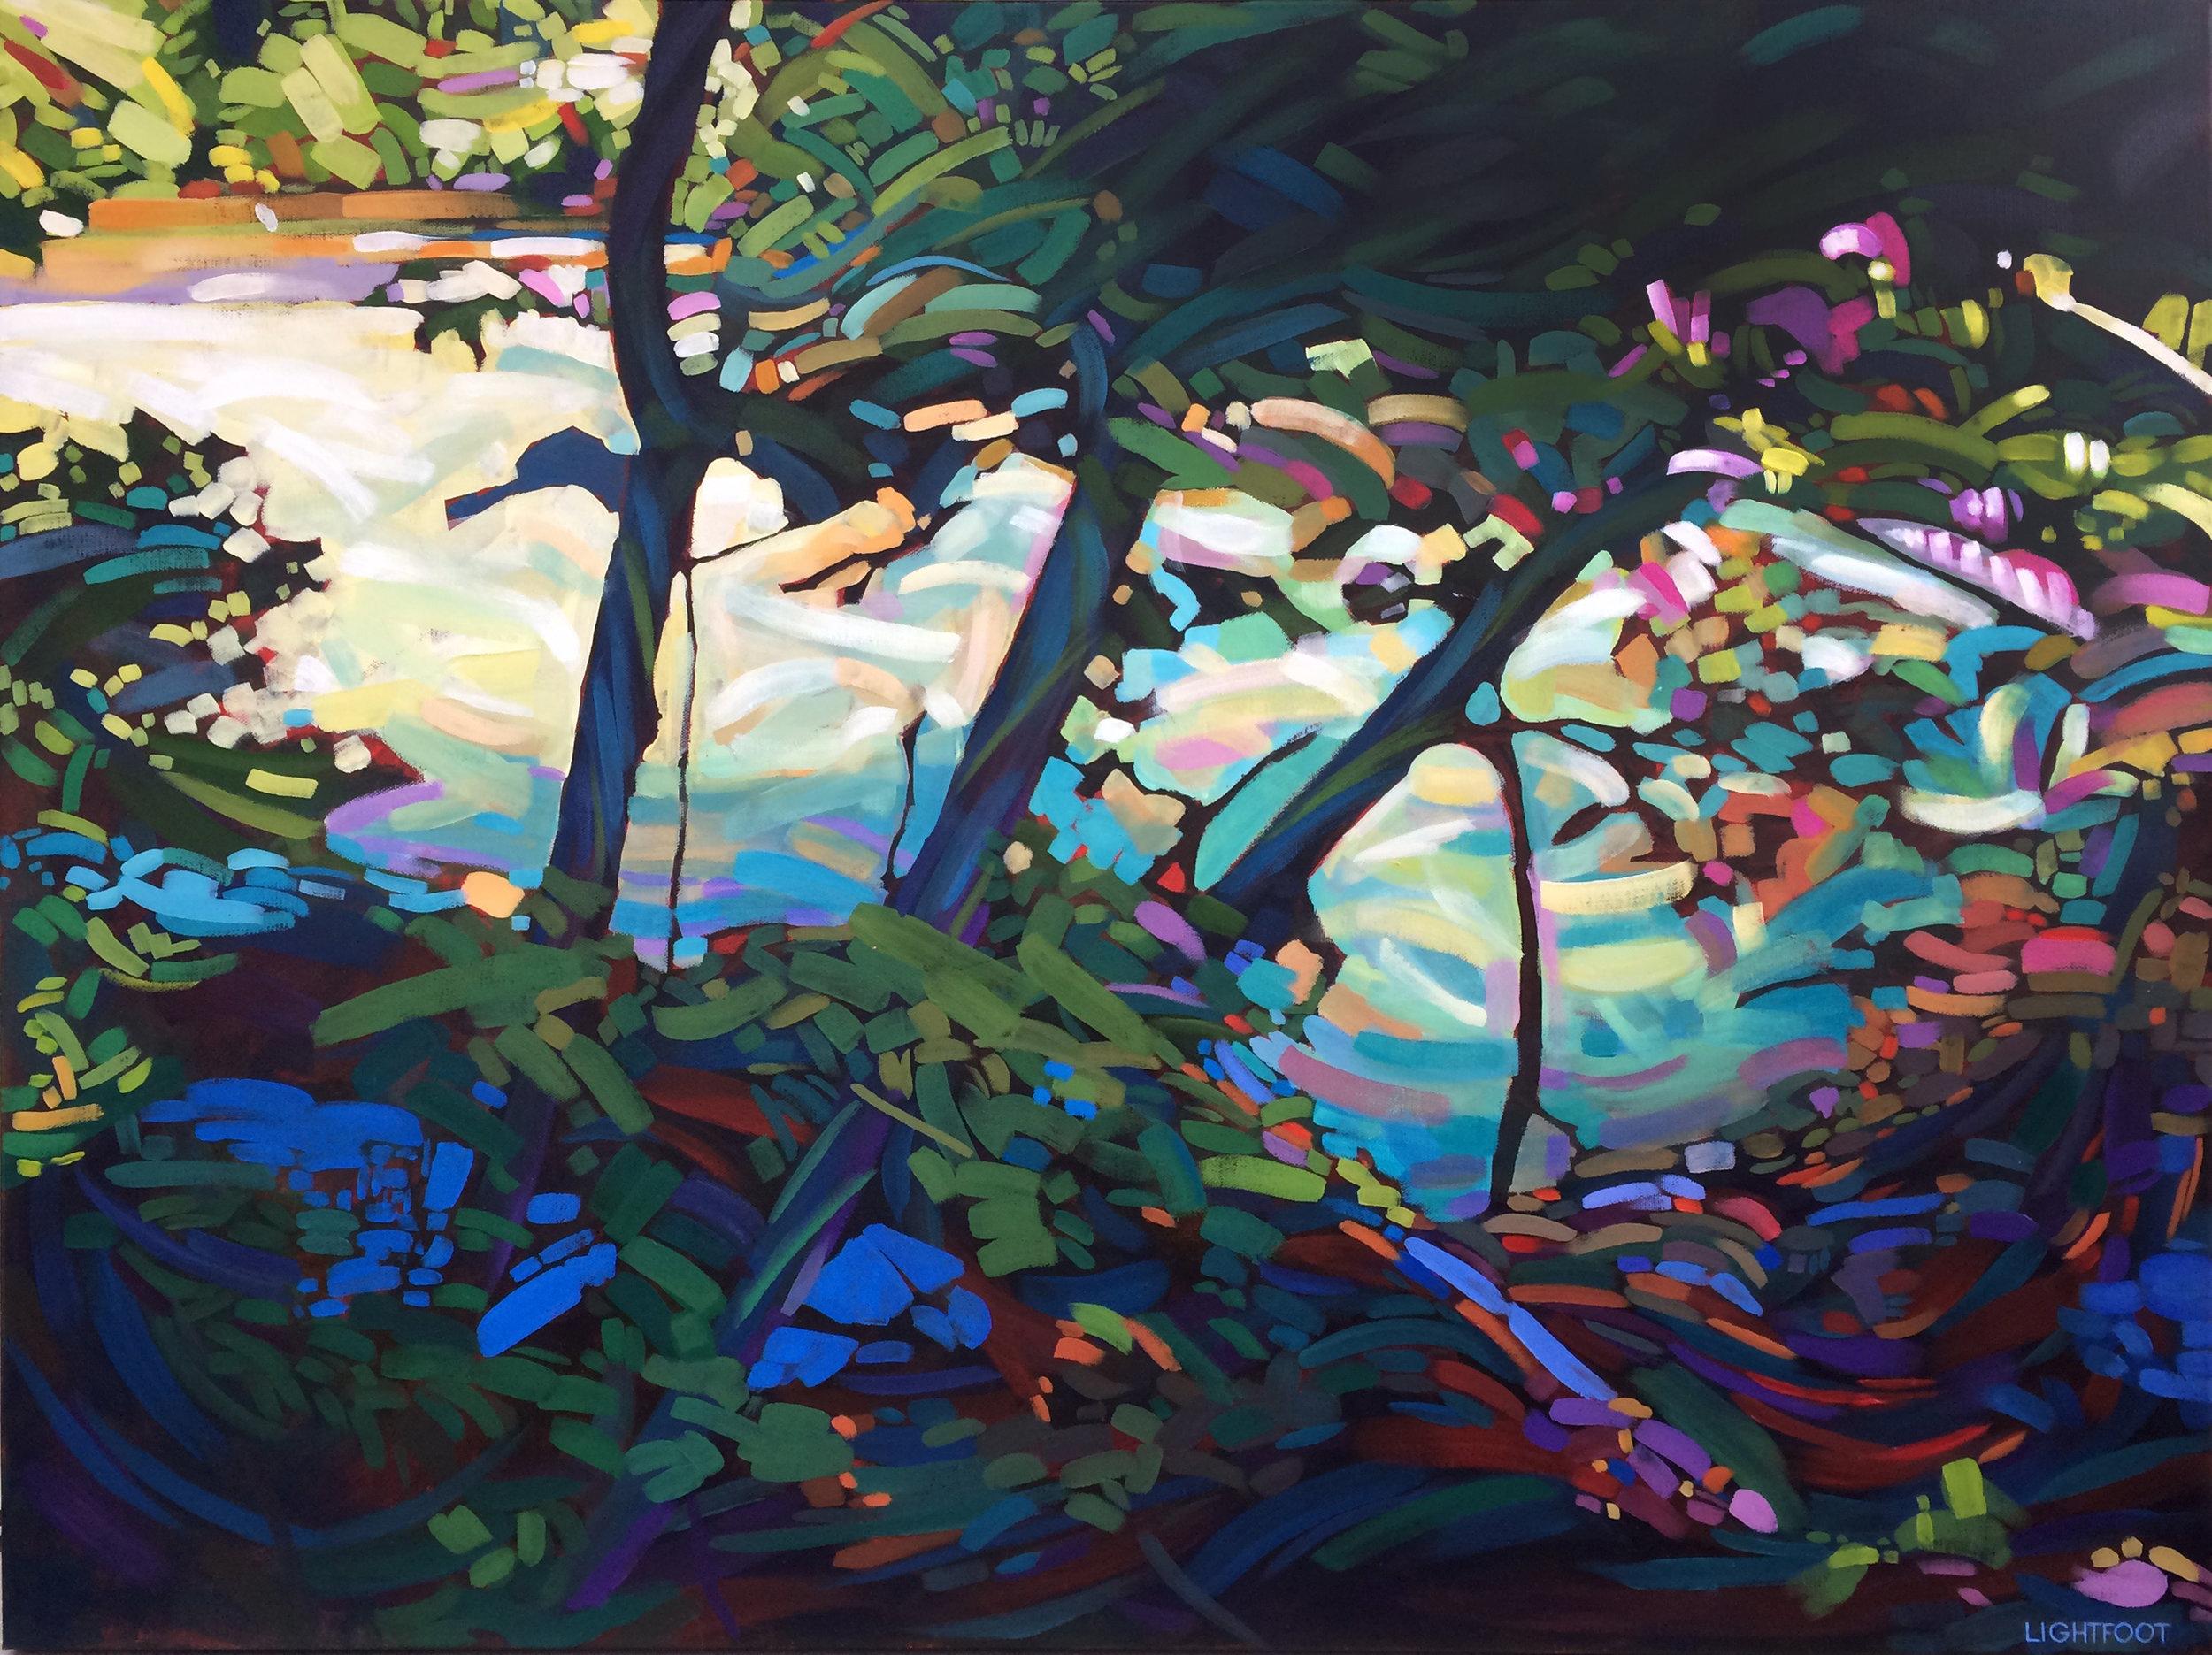 Rapids by John Lightfoot